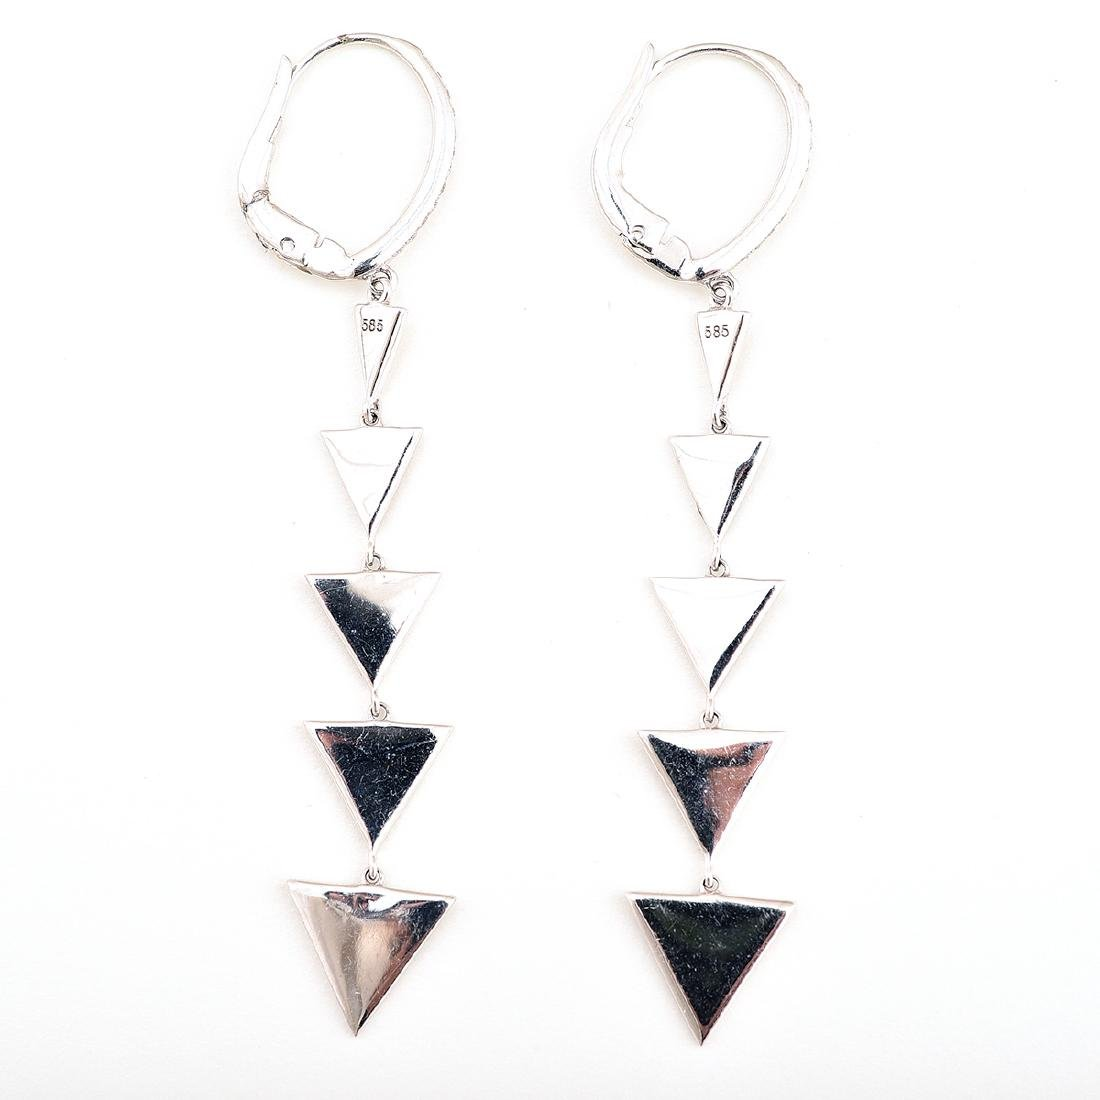 Pair of Diamond, 14k White Gold Earrings. - 4